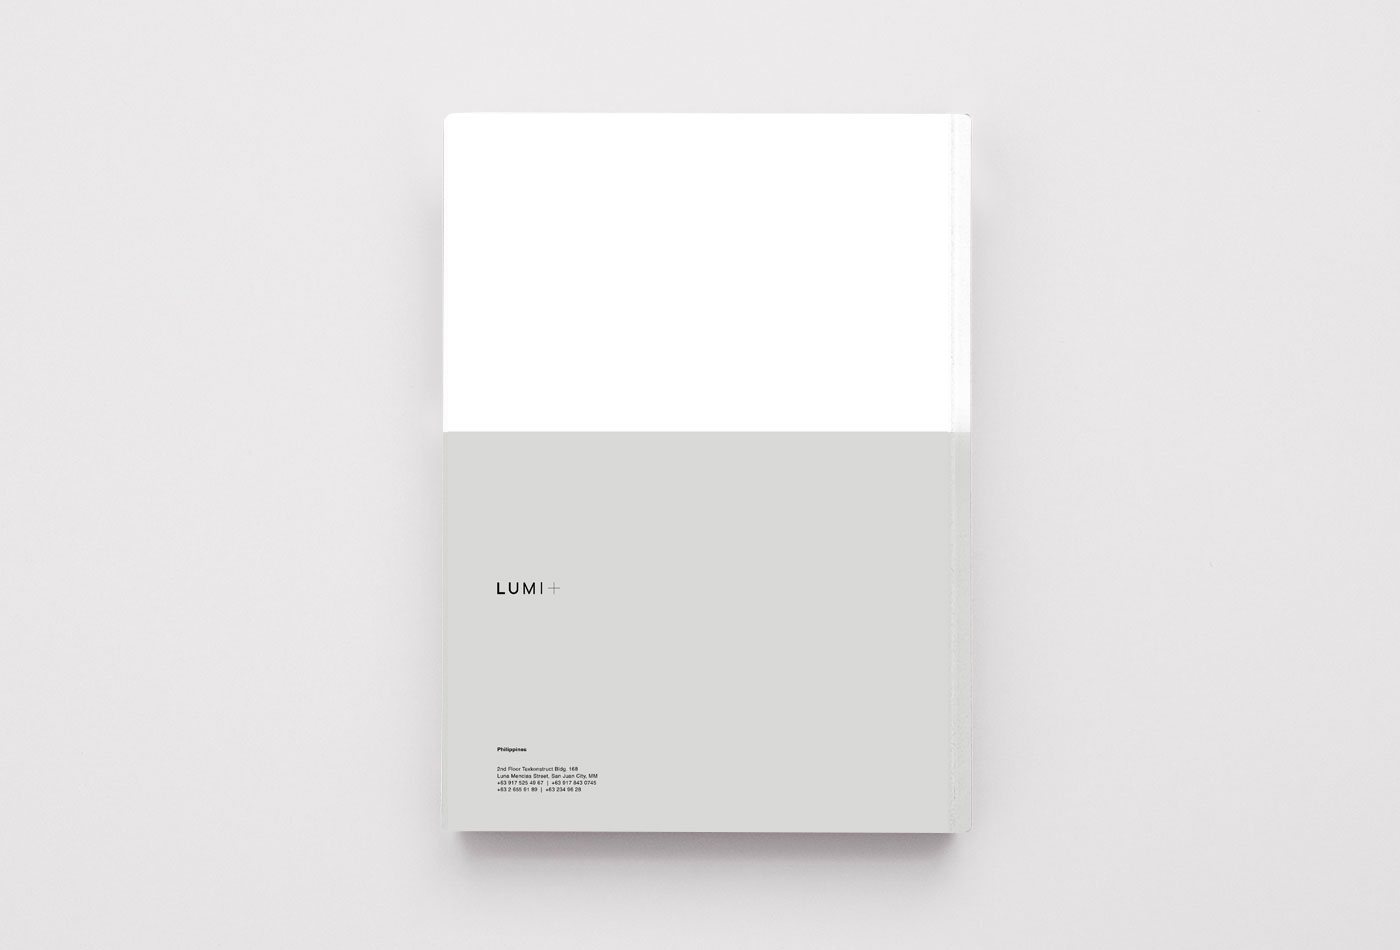 Lumi-Specials-12